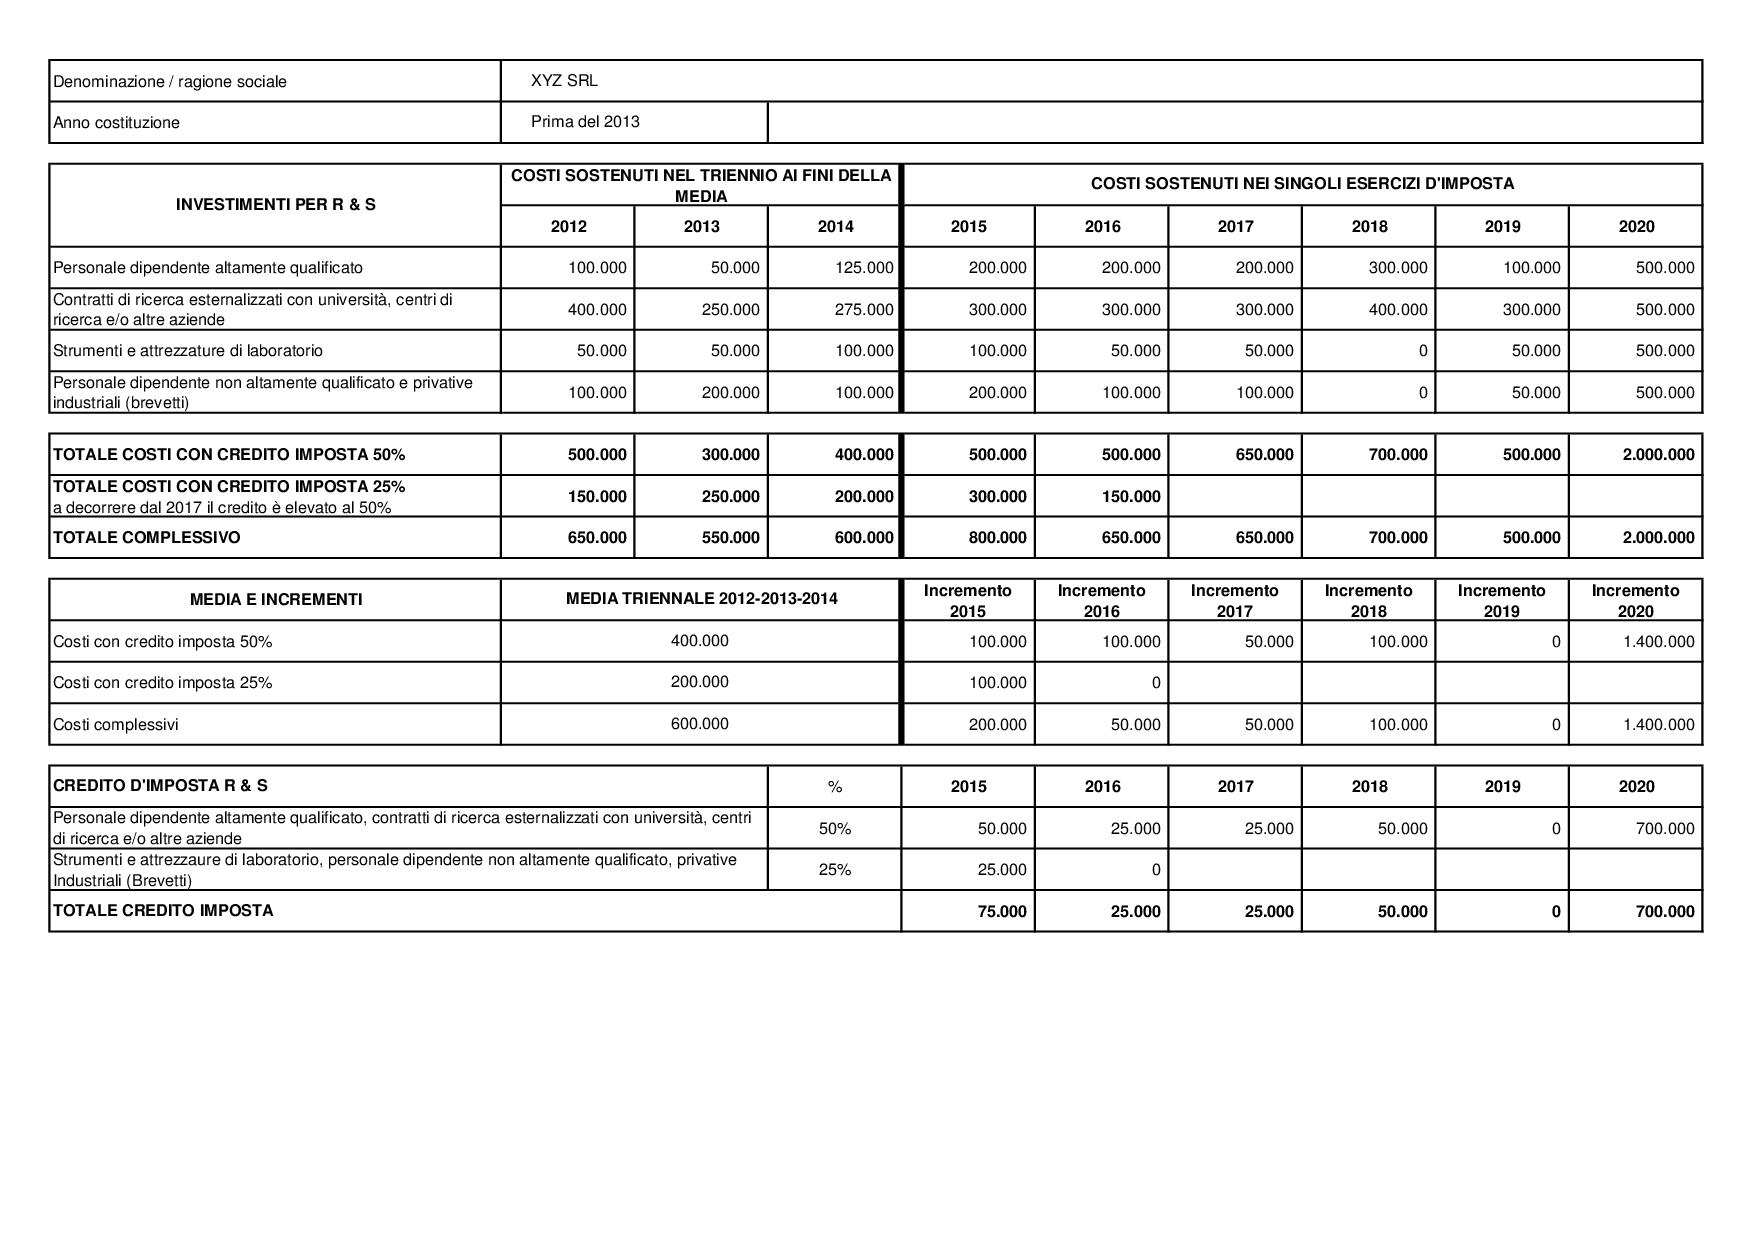 Credito di imposta per investimenti in ricerca e sviluppo - Immagine 1 / 2